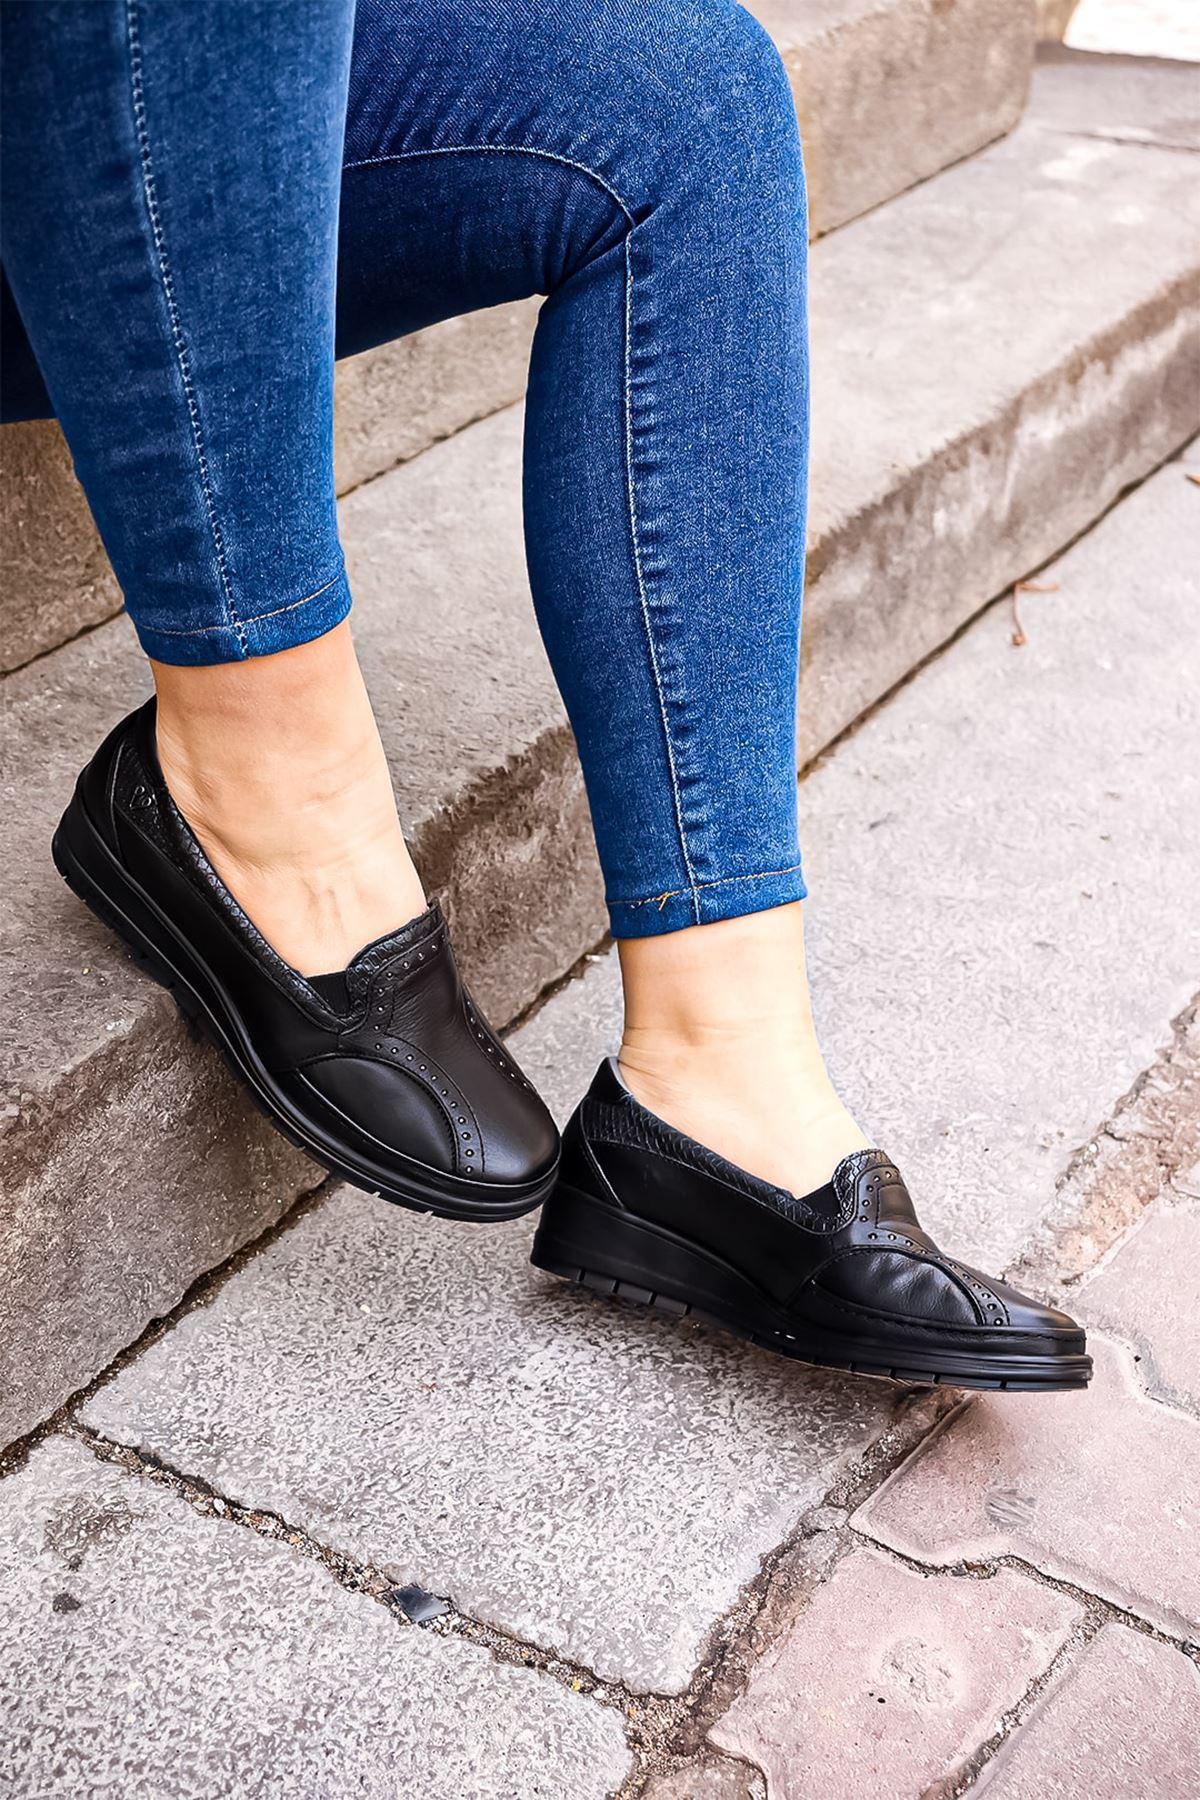 Forelli - 25109 Siyah Ortopedik Kadın Ayakkabısı